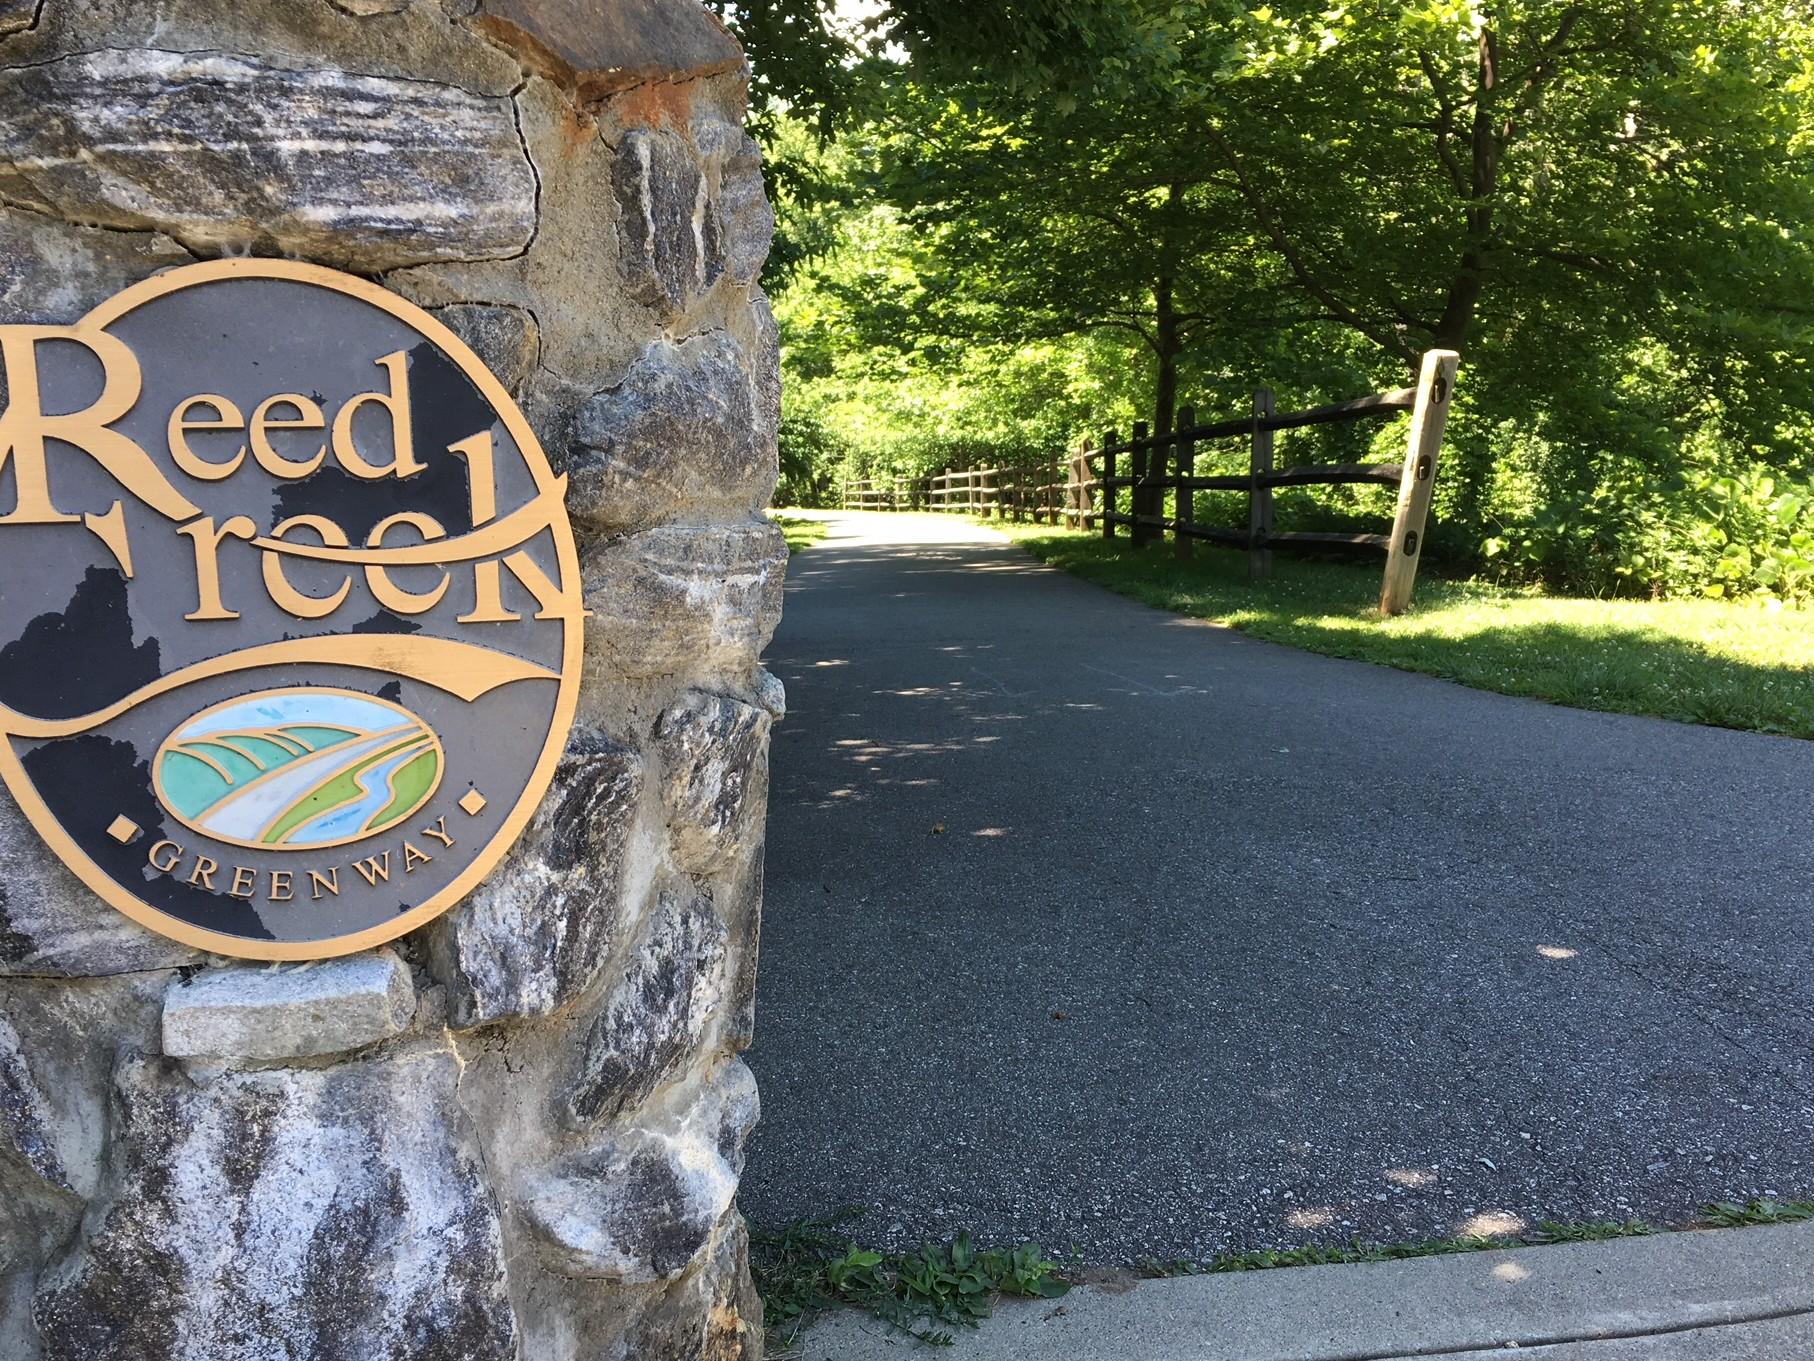 Reed Creek Greenway walking trail in Asheville